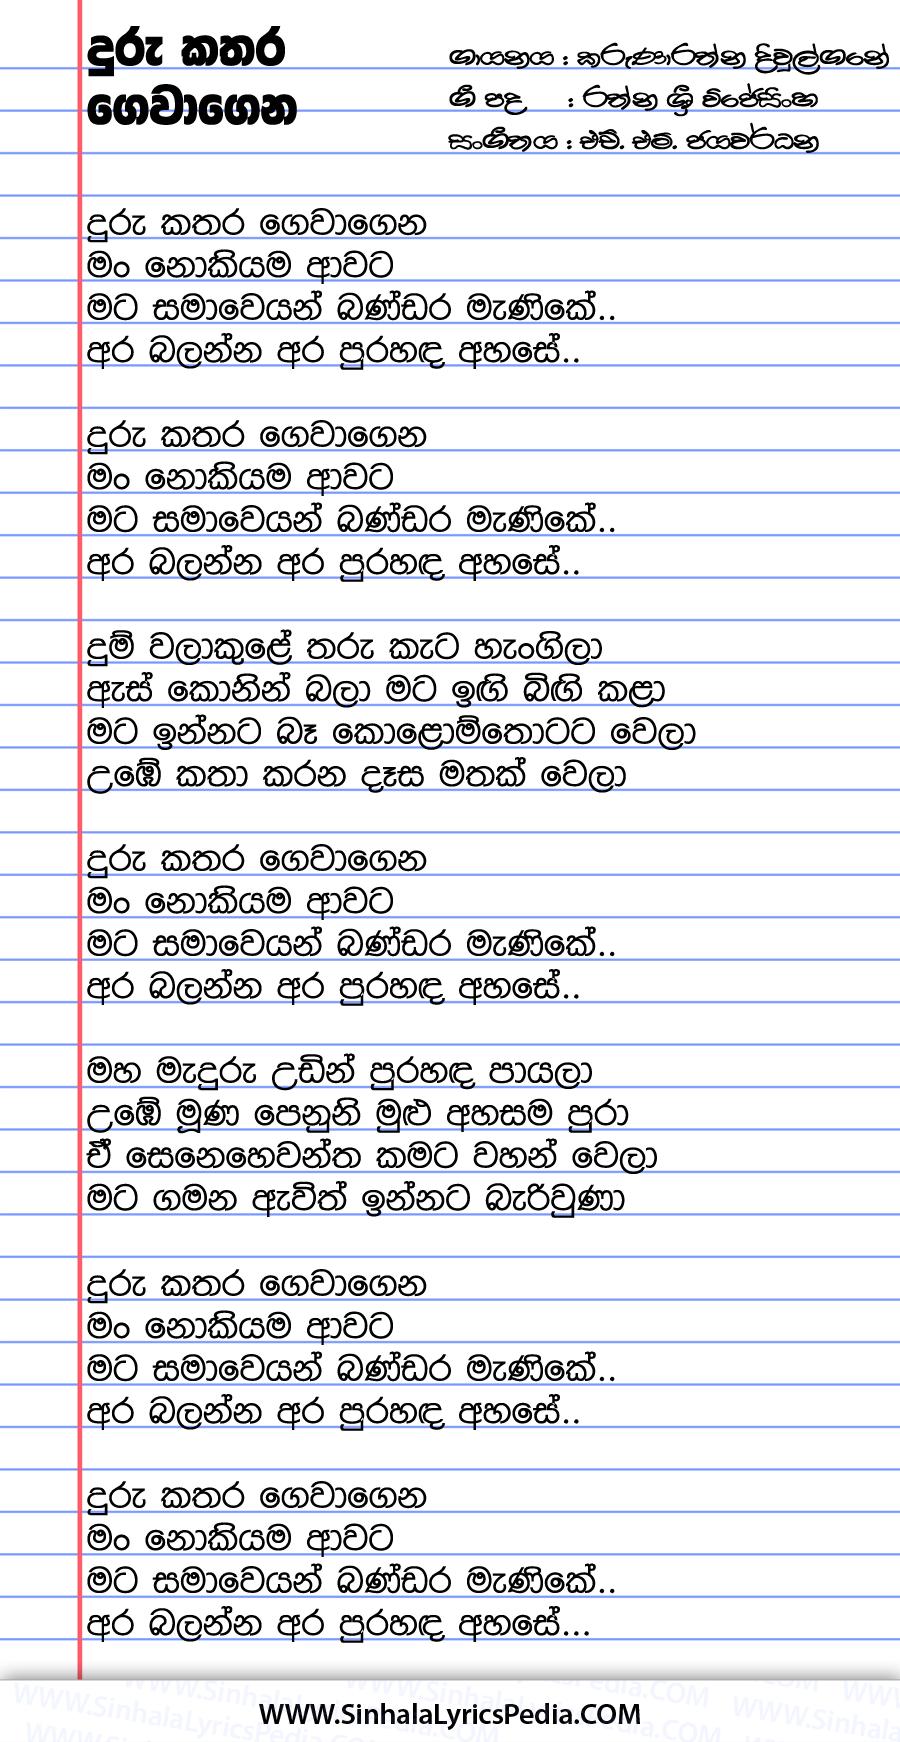 Duru Kathara Gewagena Song Lyrics